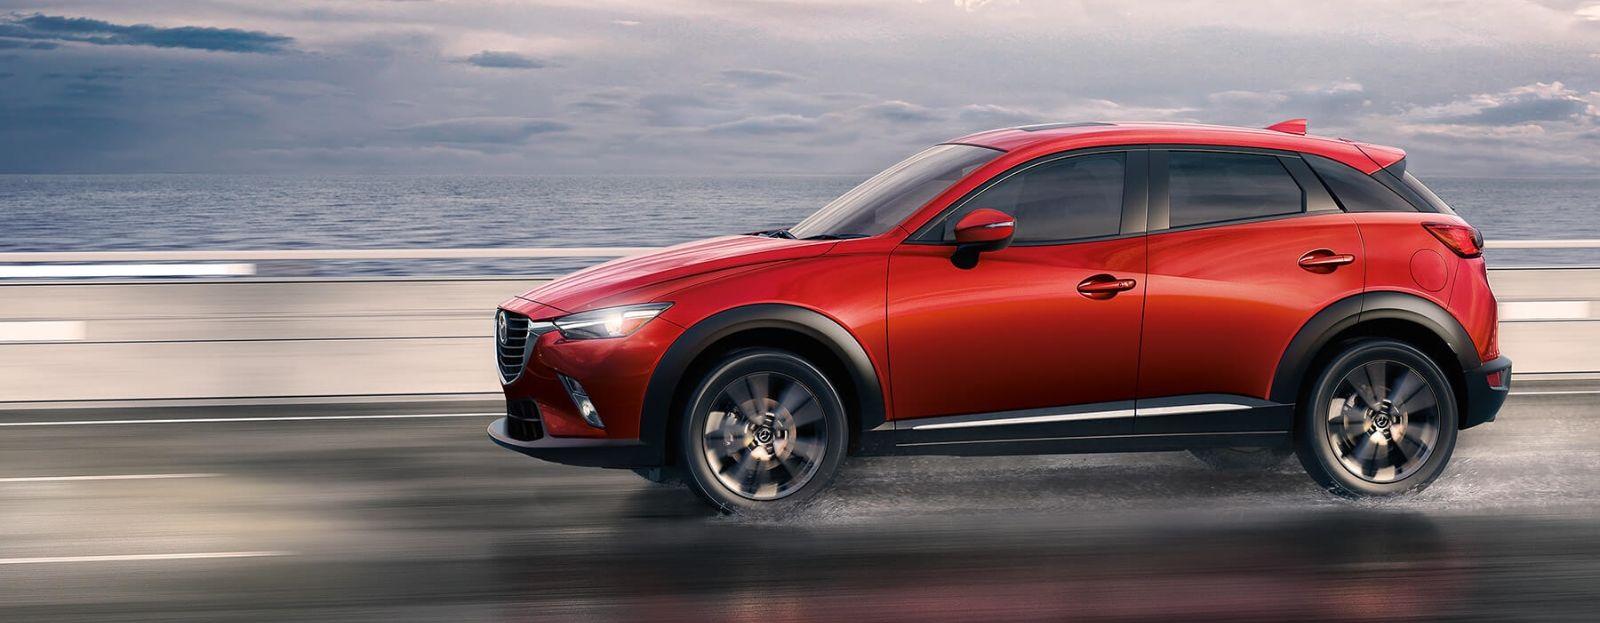 ab slides lethbridge mazda dealership unlimited lease used cars milestone m unlimitedwarranty